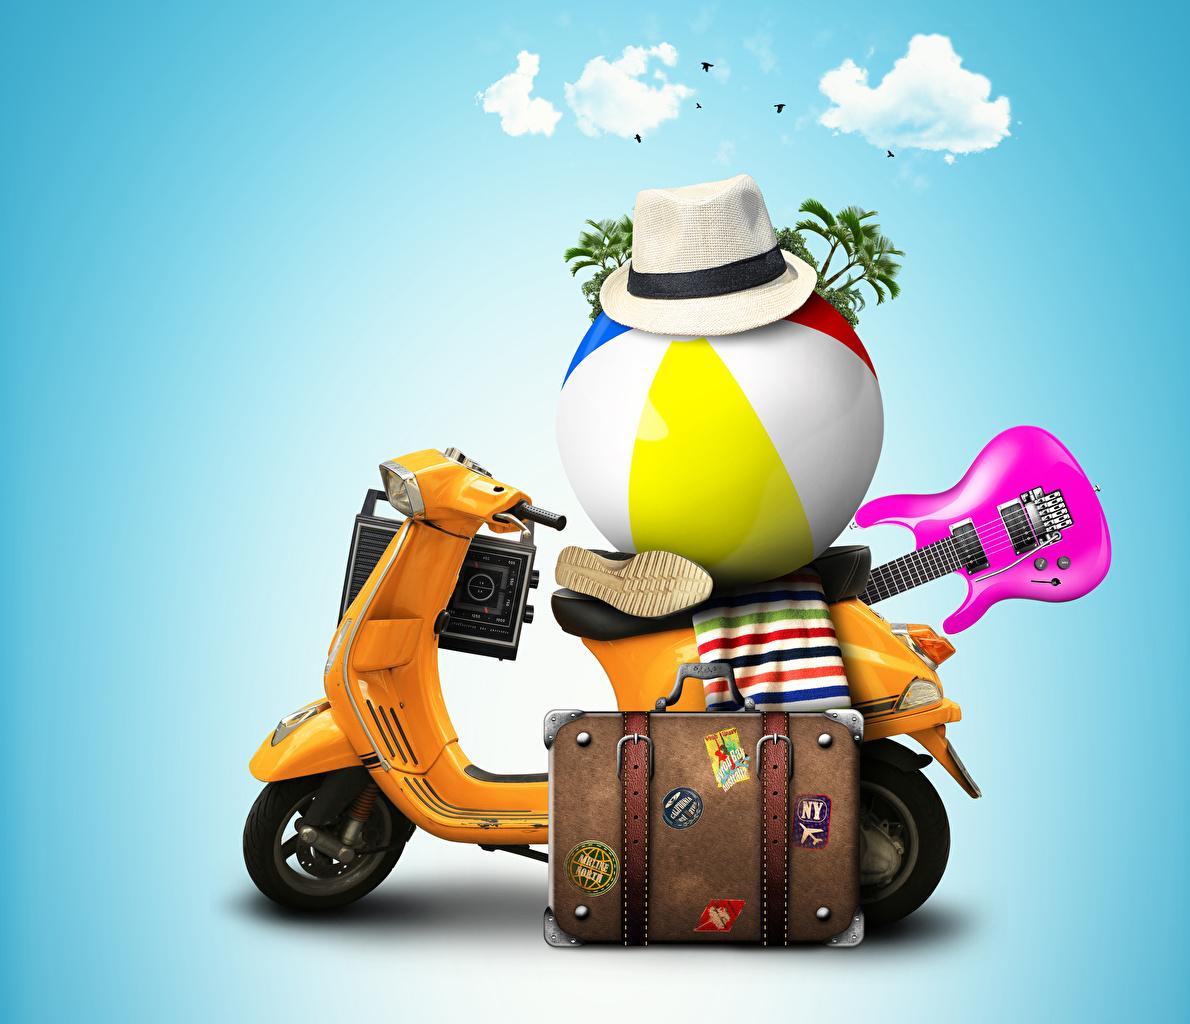 Fotos von 3D-Grafik Motorroller Gitarre Der Hut Touristik Koffer Ball Farbigen hintergrund Tourismus